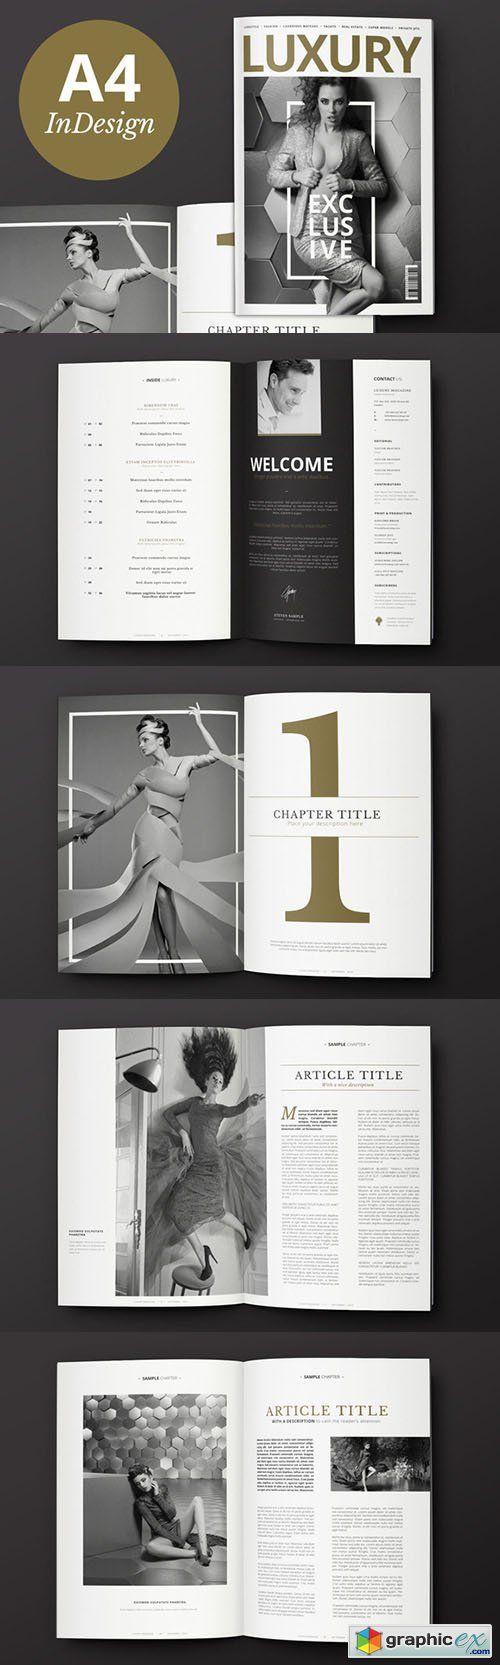 luxury magazine indesign template layouts grids pinterest luxury magazine indesign template layouts grids pinterest indesign templates luxury and magazines